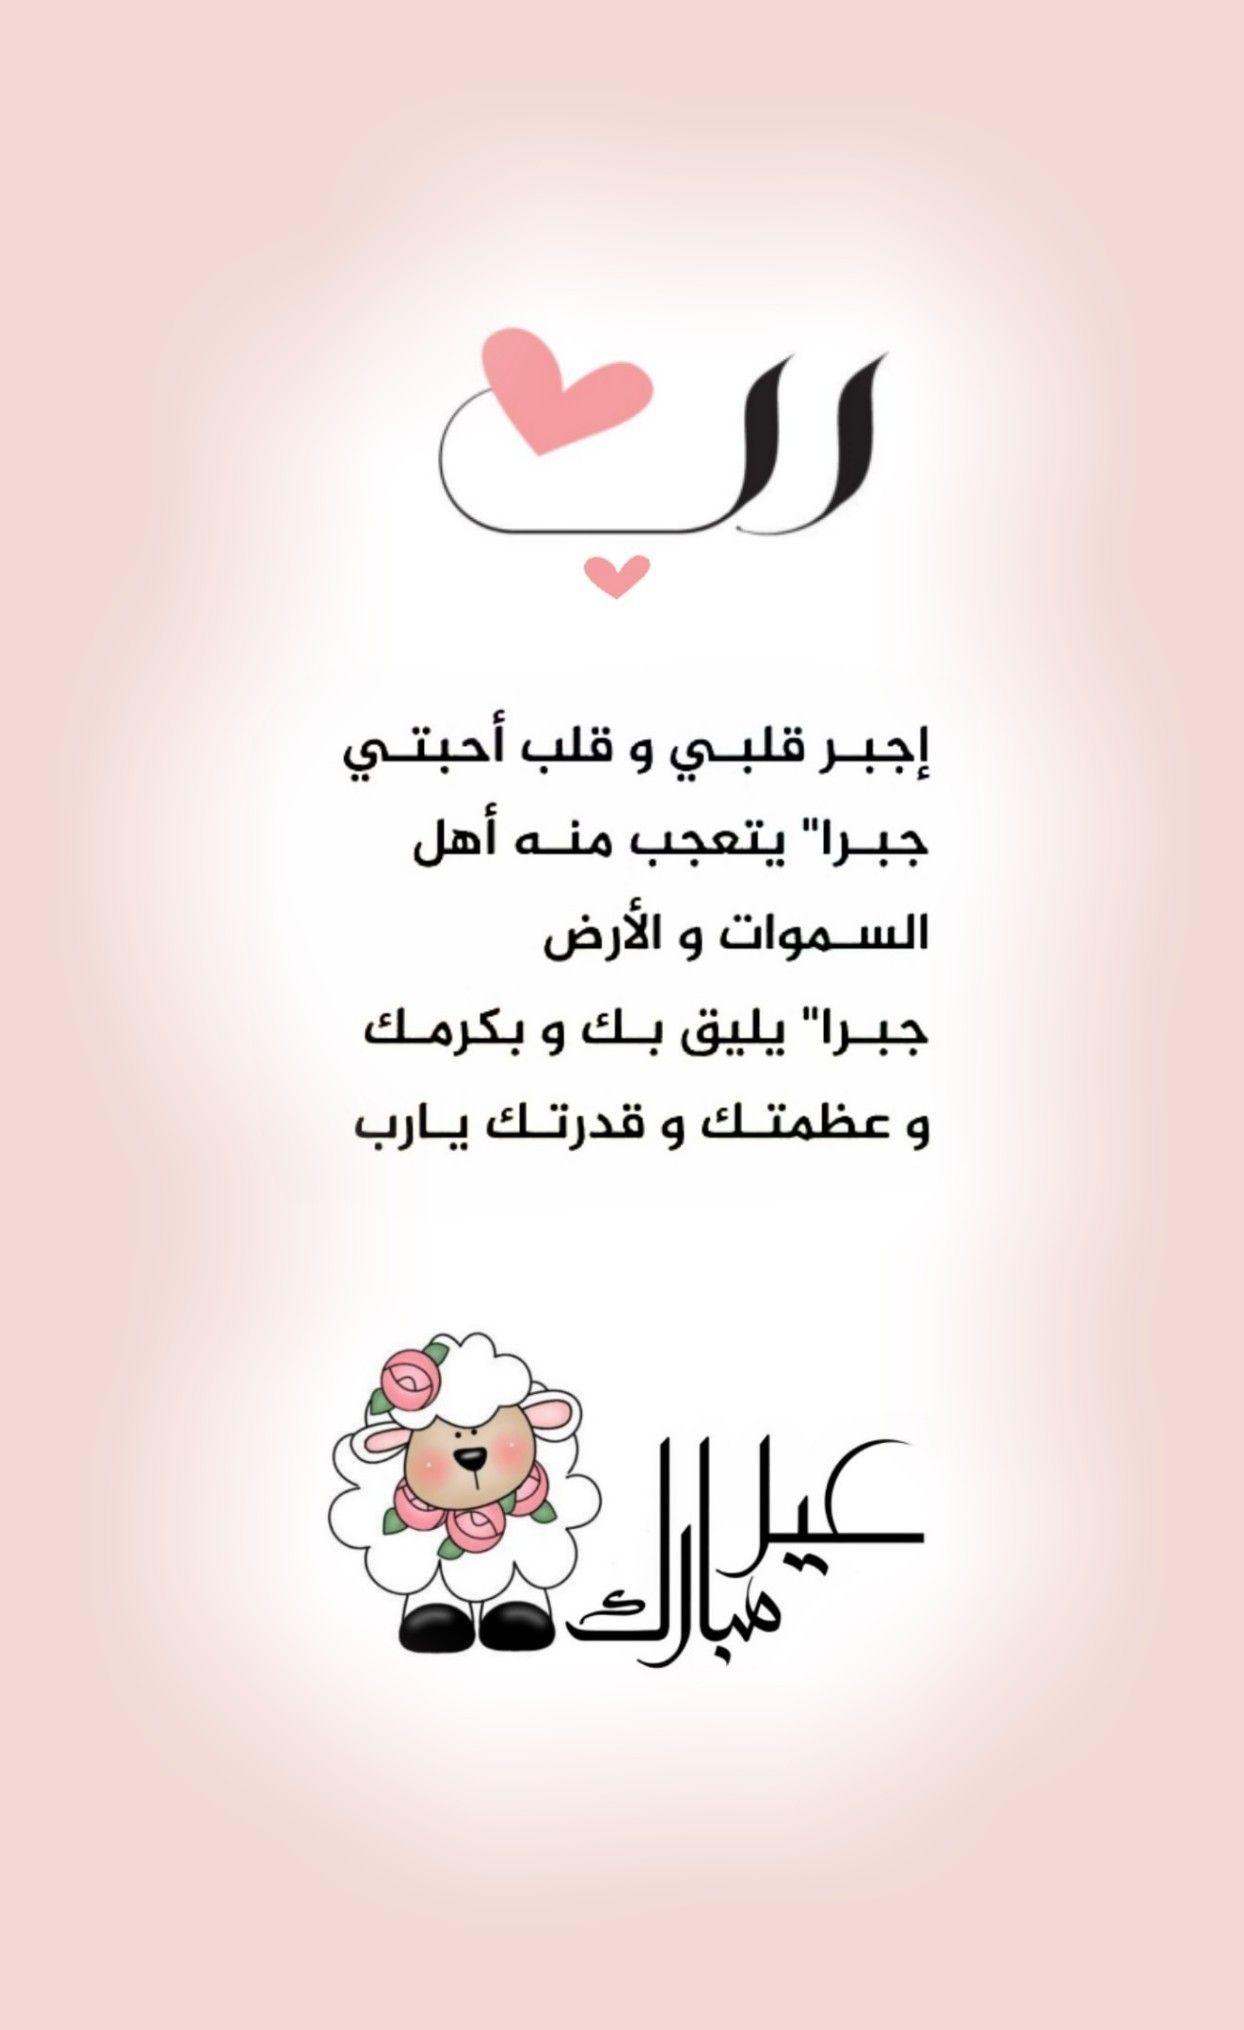 رب إجبـر قلبـي و قلب أحبتـي جبـرا يتعجب منـه أهل السـموات والأرض جبـرا يليق بـك وبكرمـك وعظمتـك وقدرتـك يـارب Quotes Islamic Quotes Quran Islamic Quotes